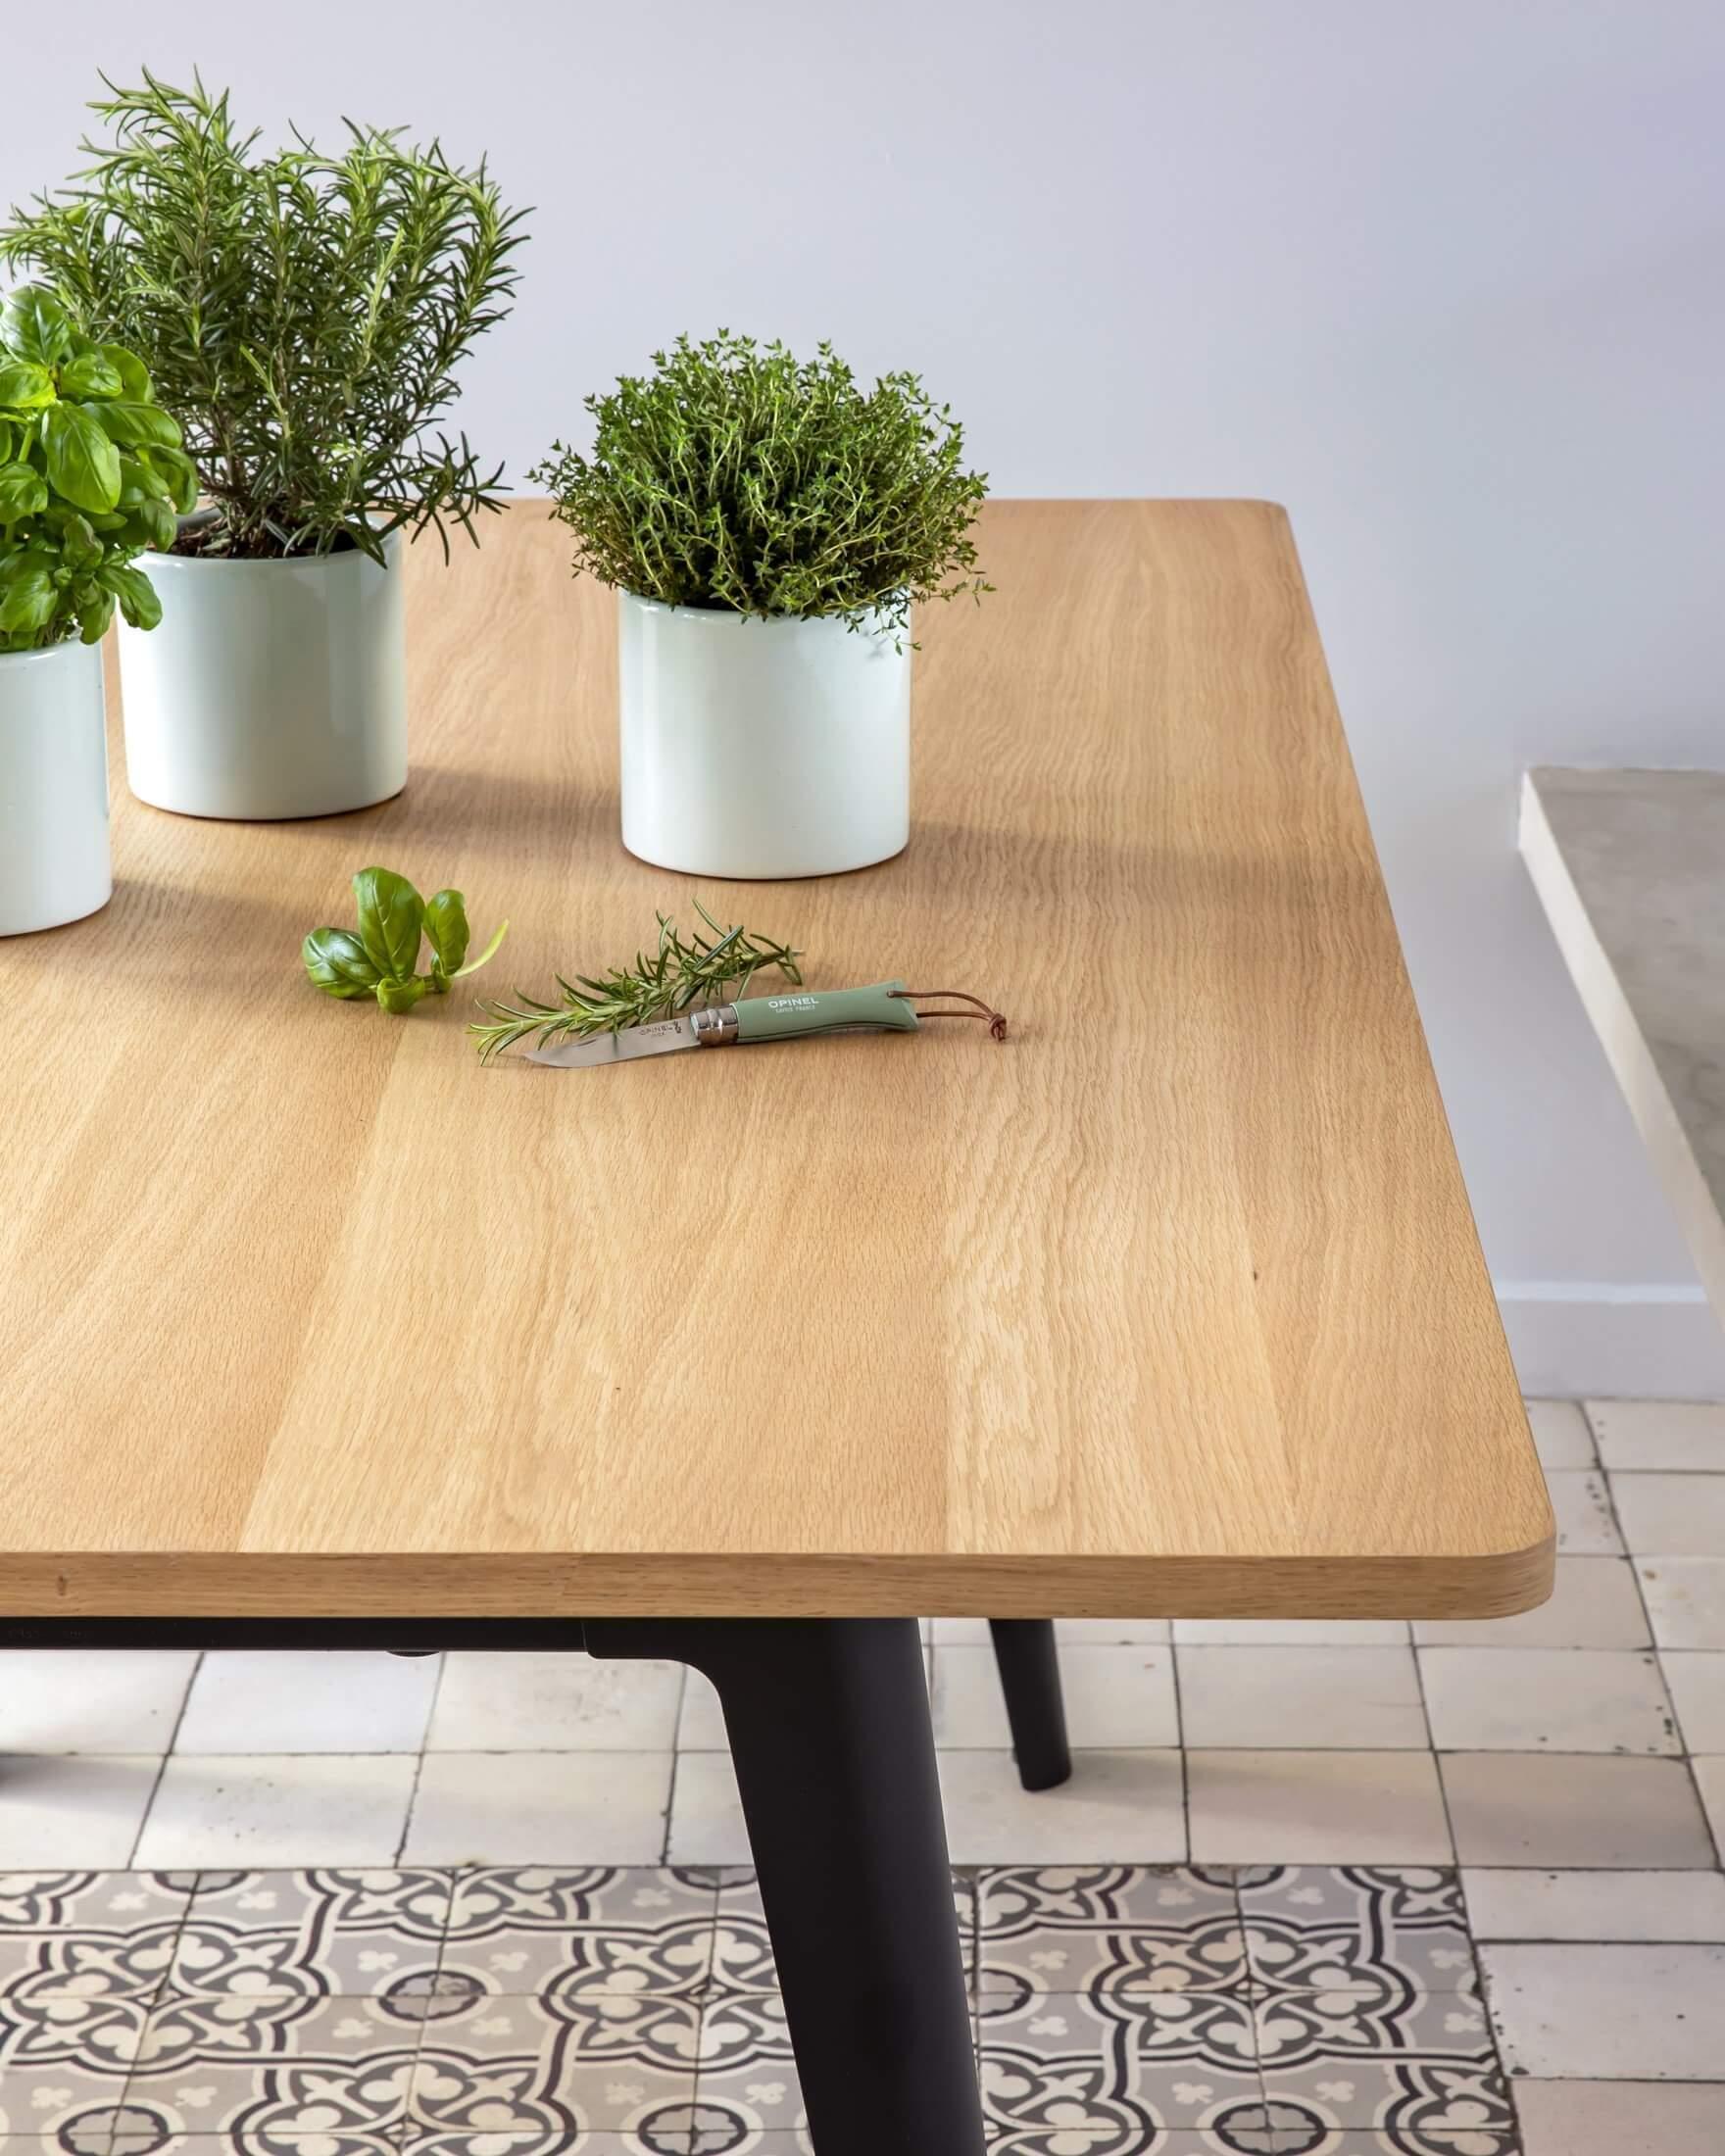 Bureau bench avec plateau en bois de chêne.